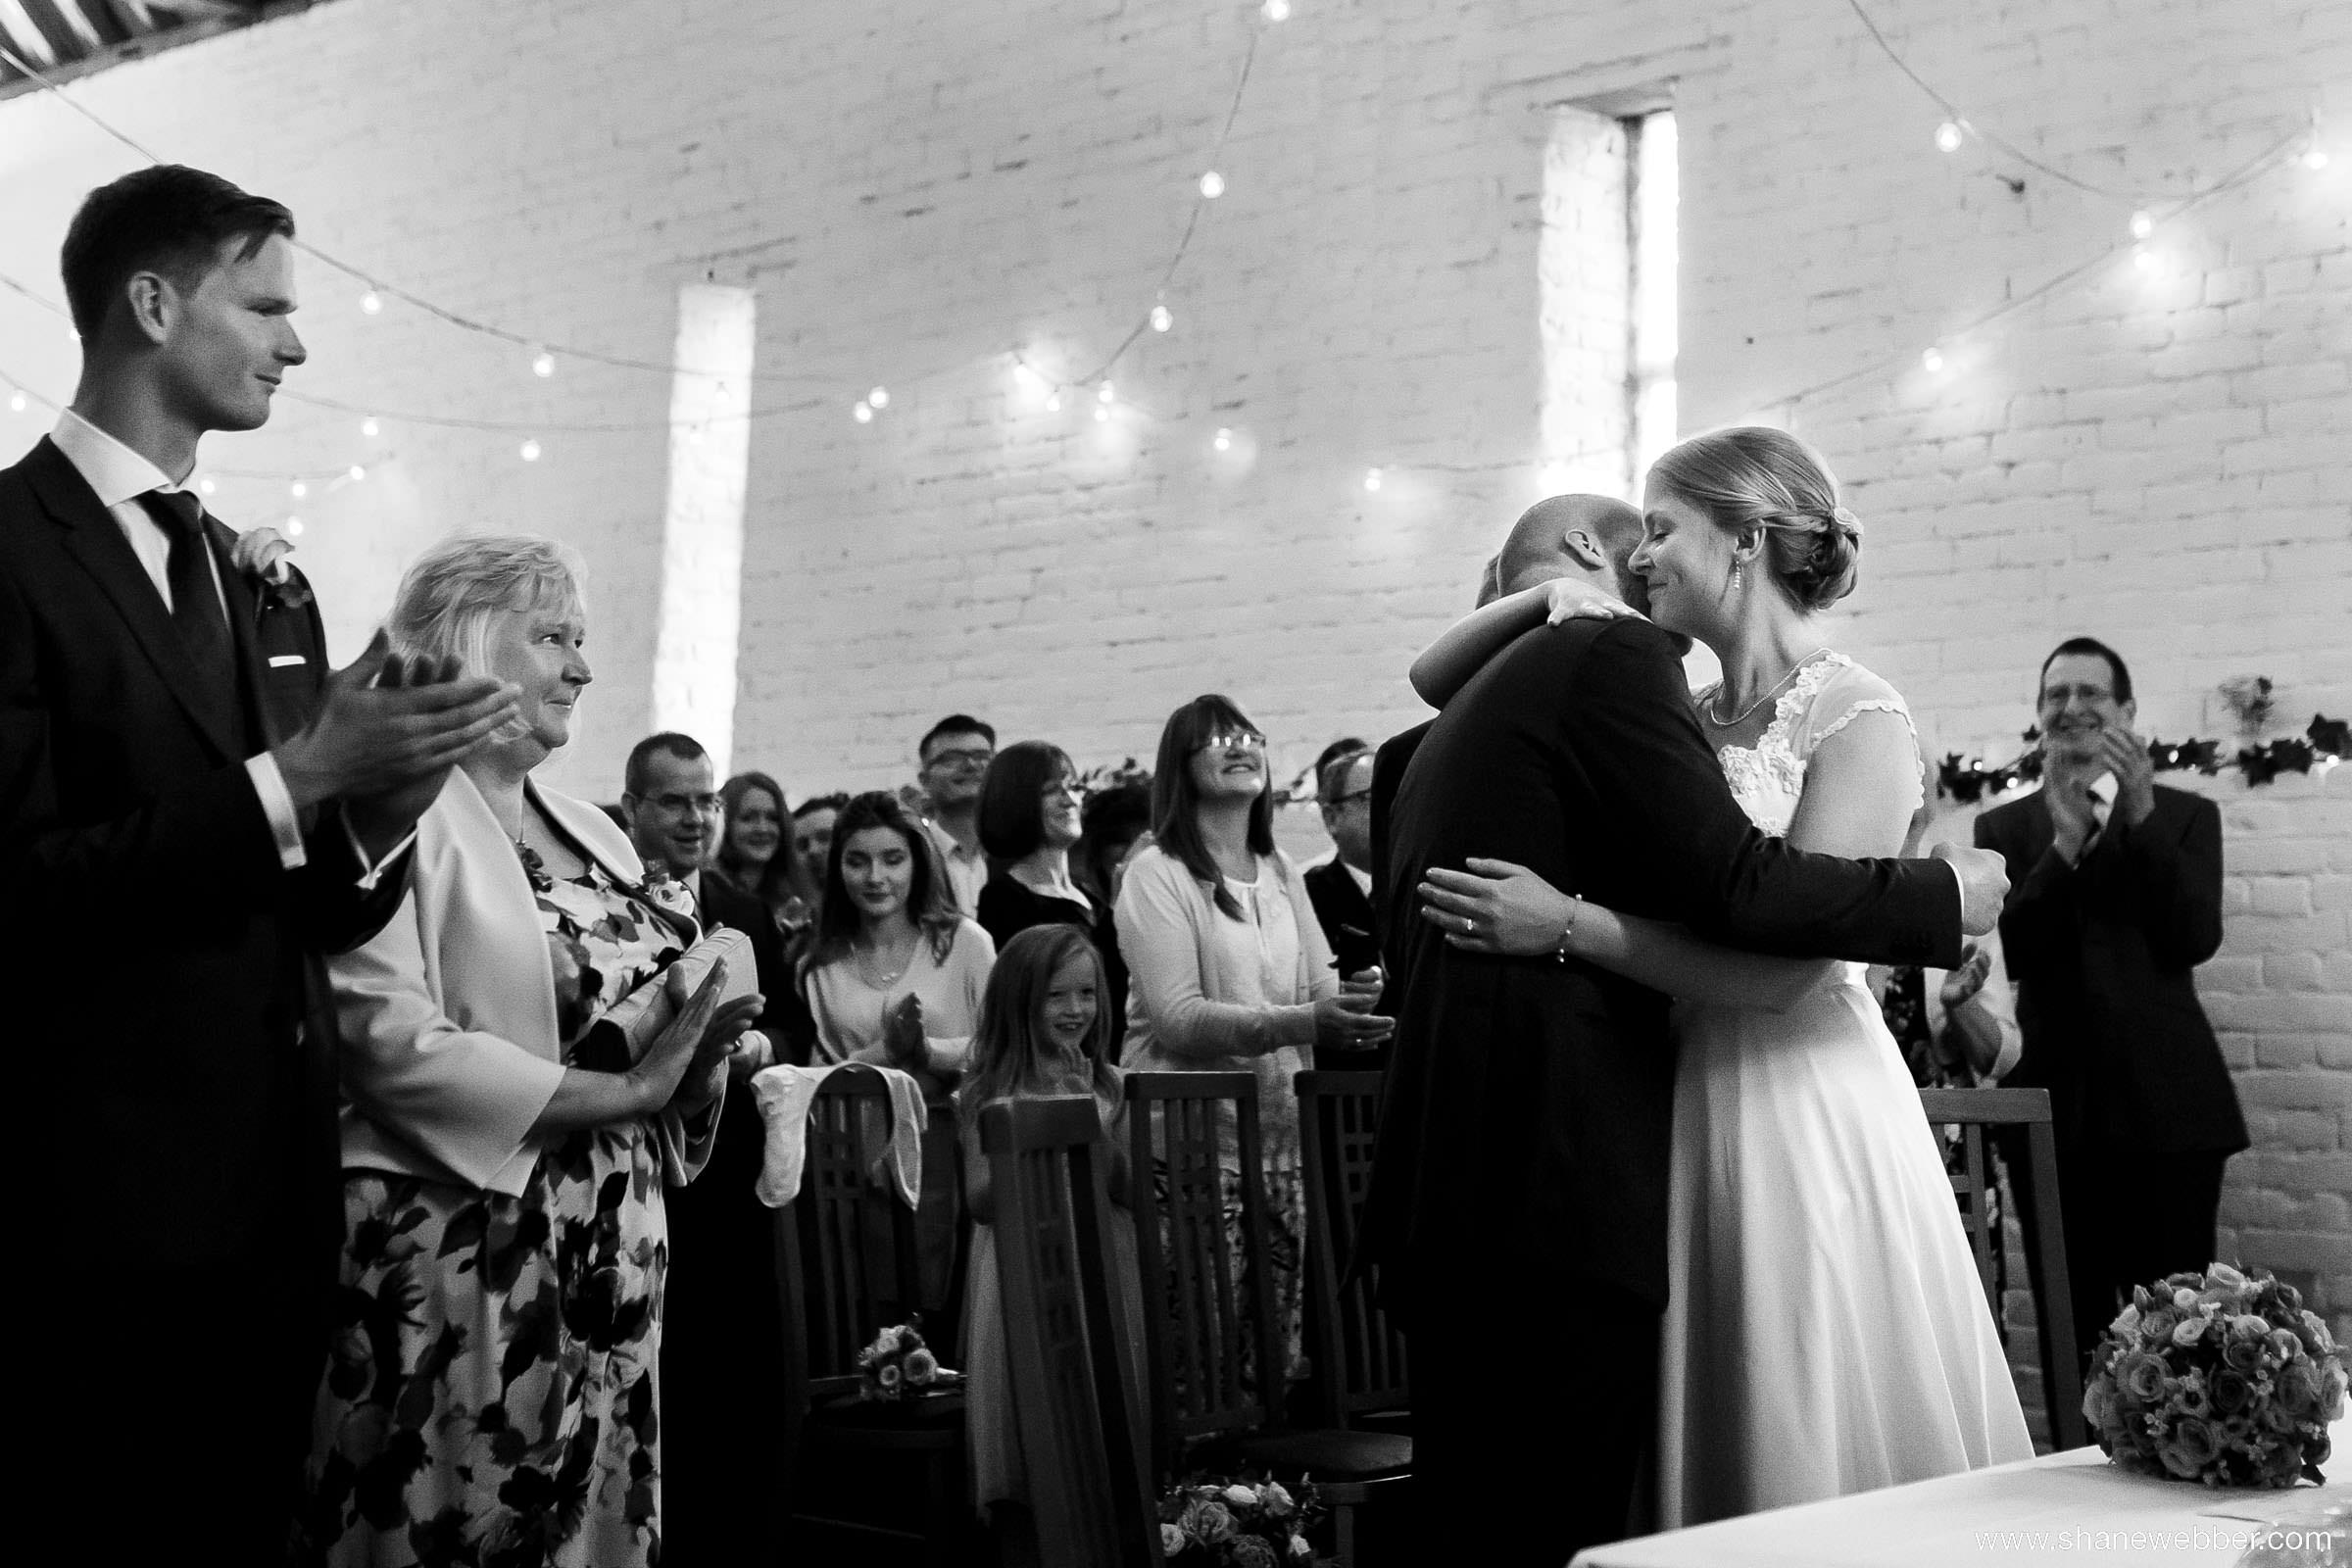 UK wedding ceremonies